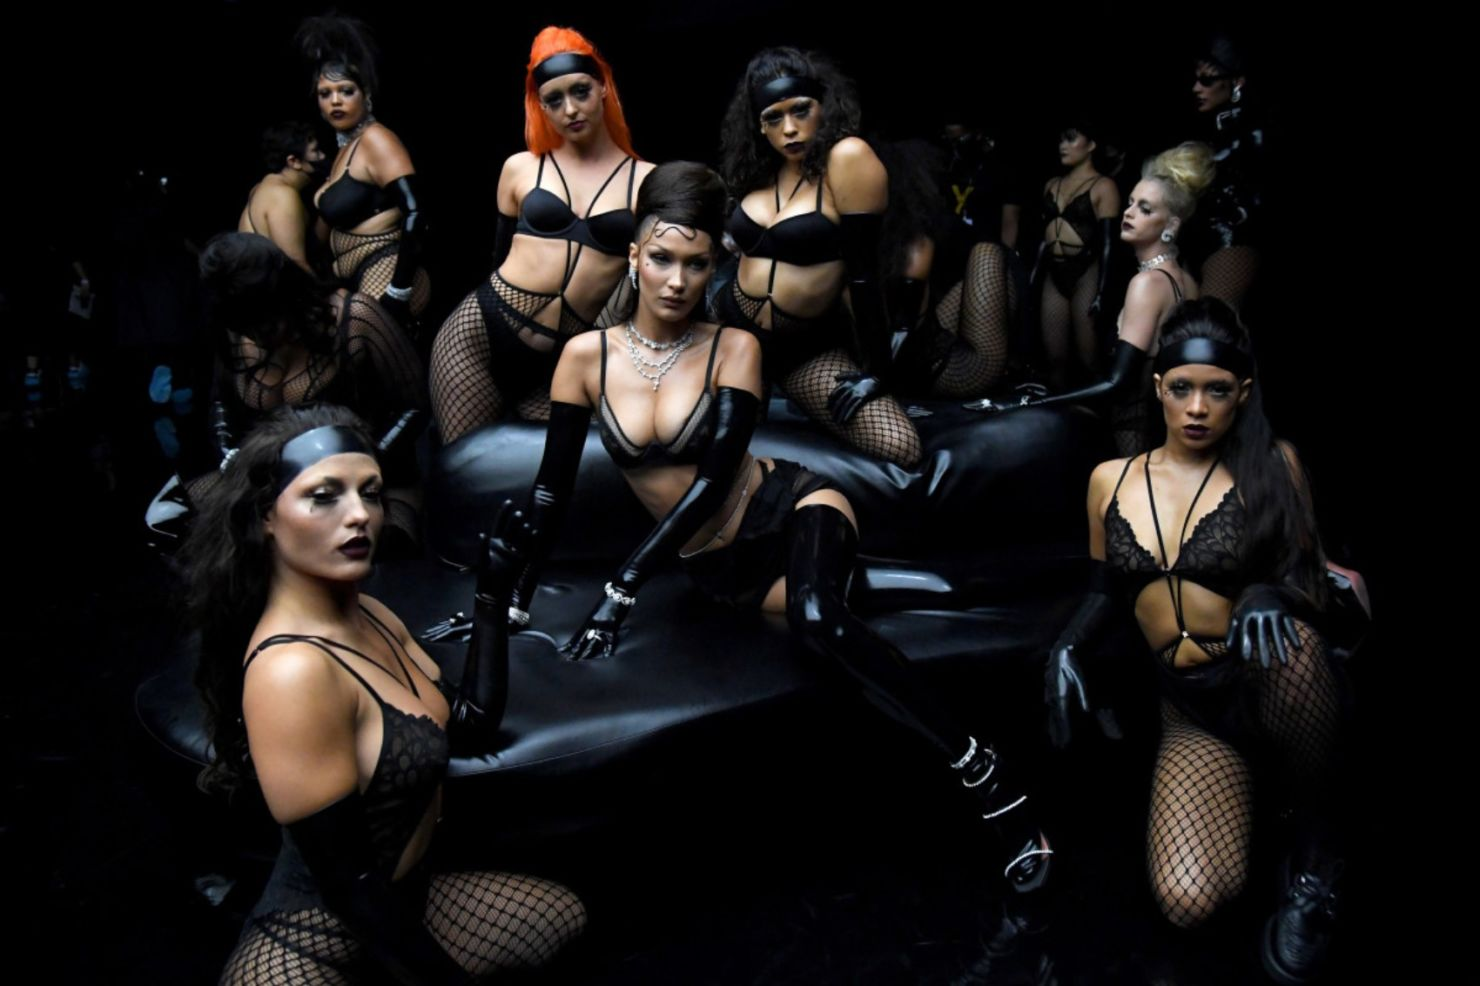 Savage x Fenty un impresionante show de moda y música ahora en Amazon